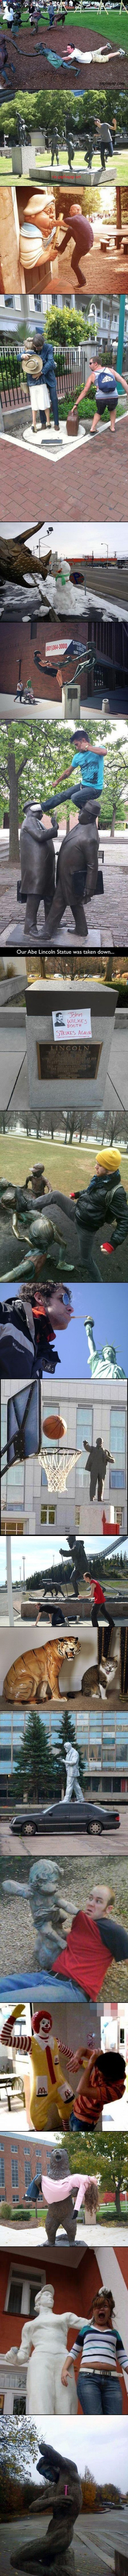 Statue Fun